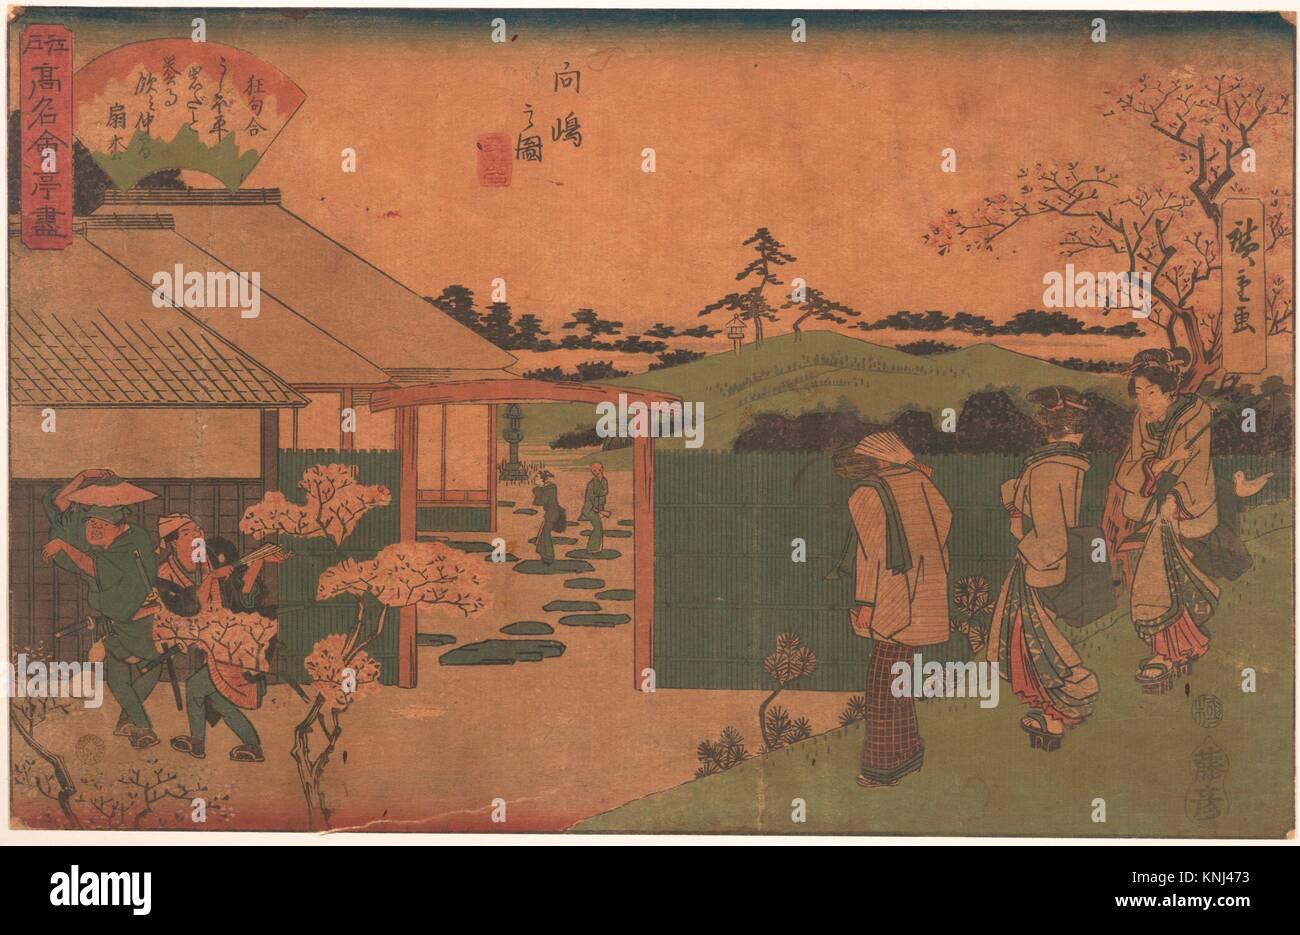 江戸高名会亭尽 å'島の図 平岩/Mukojima - Stock Image